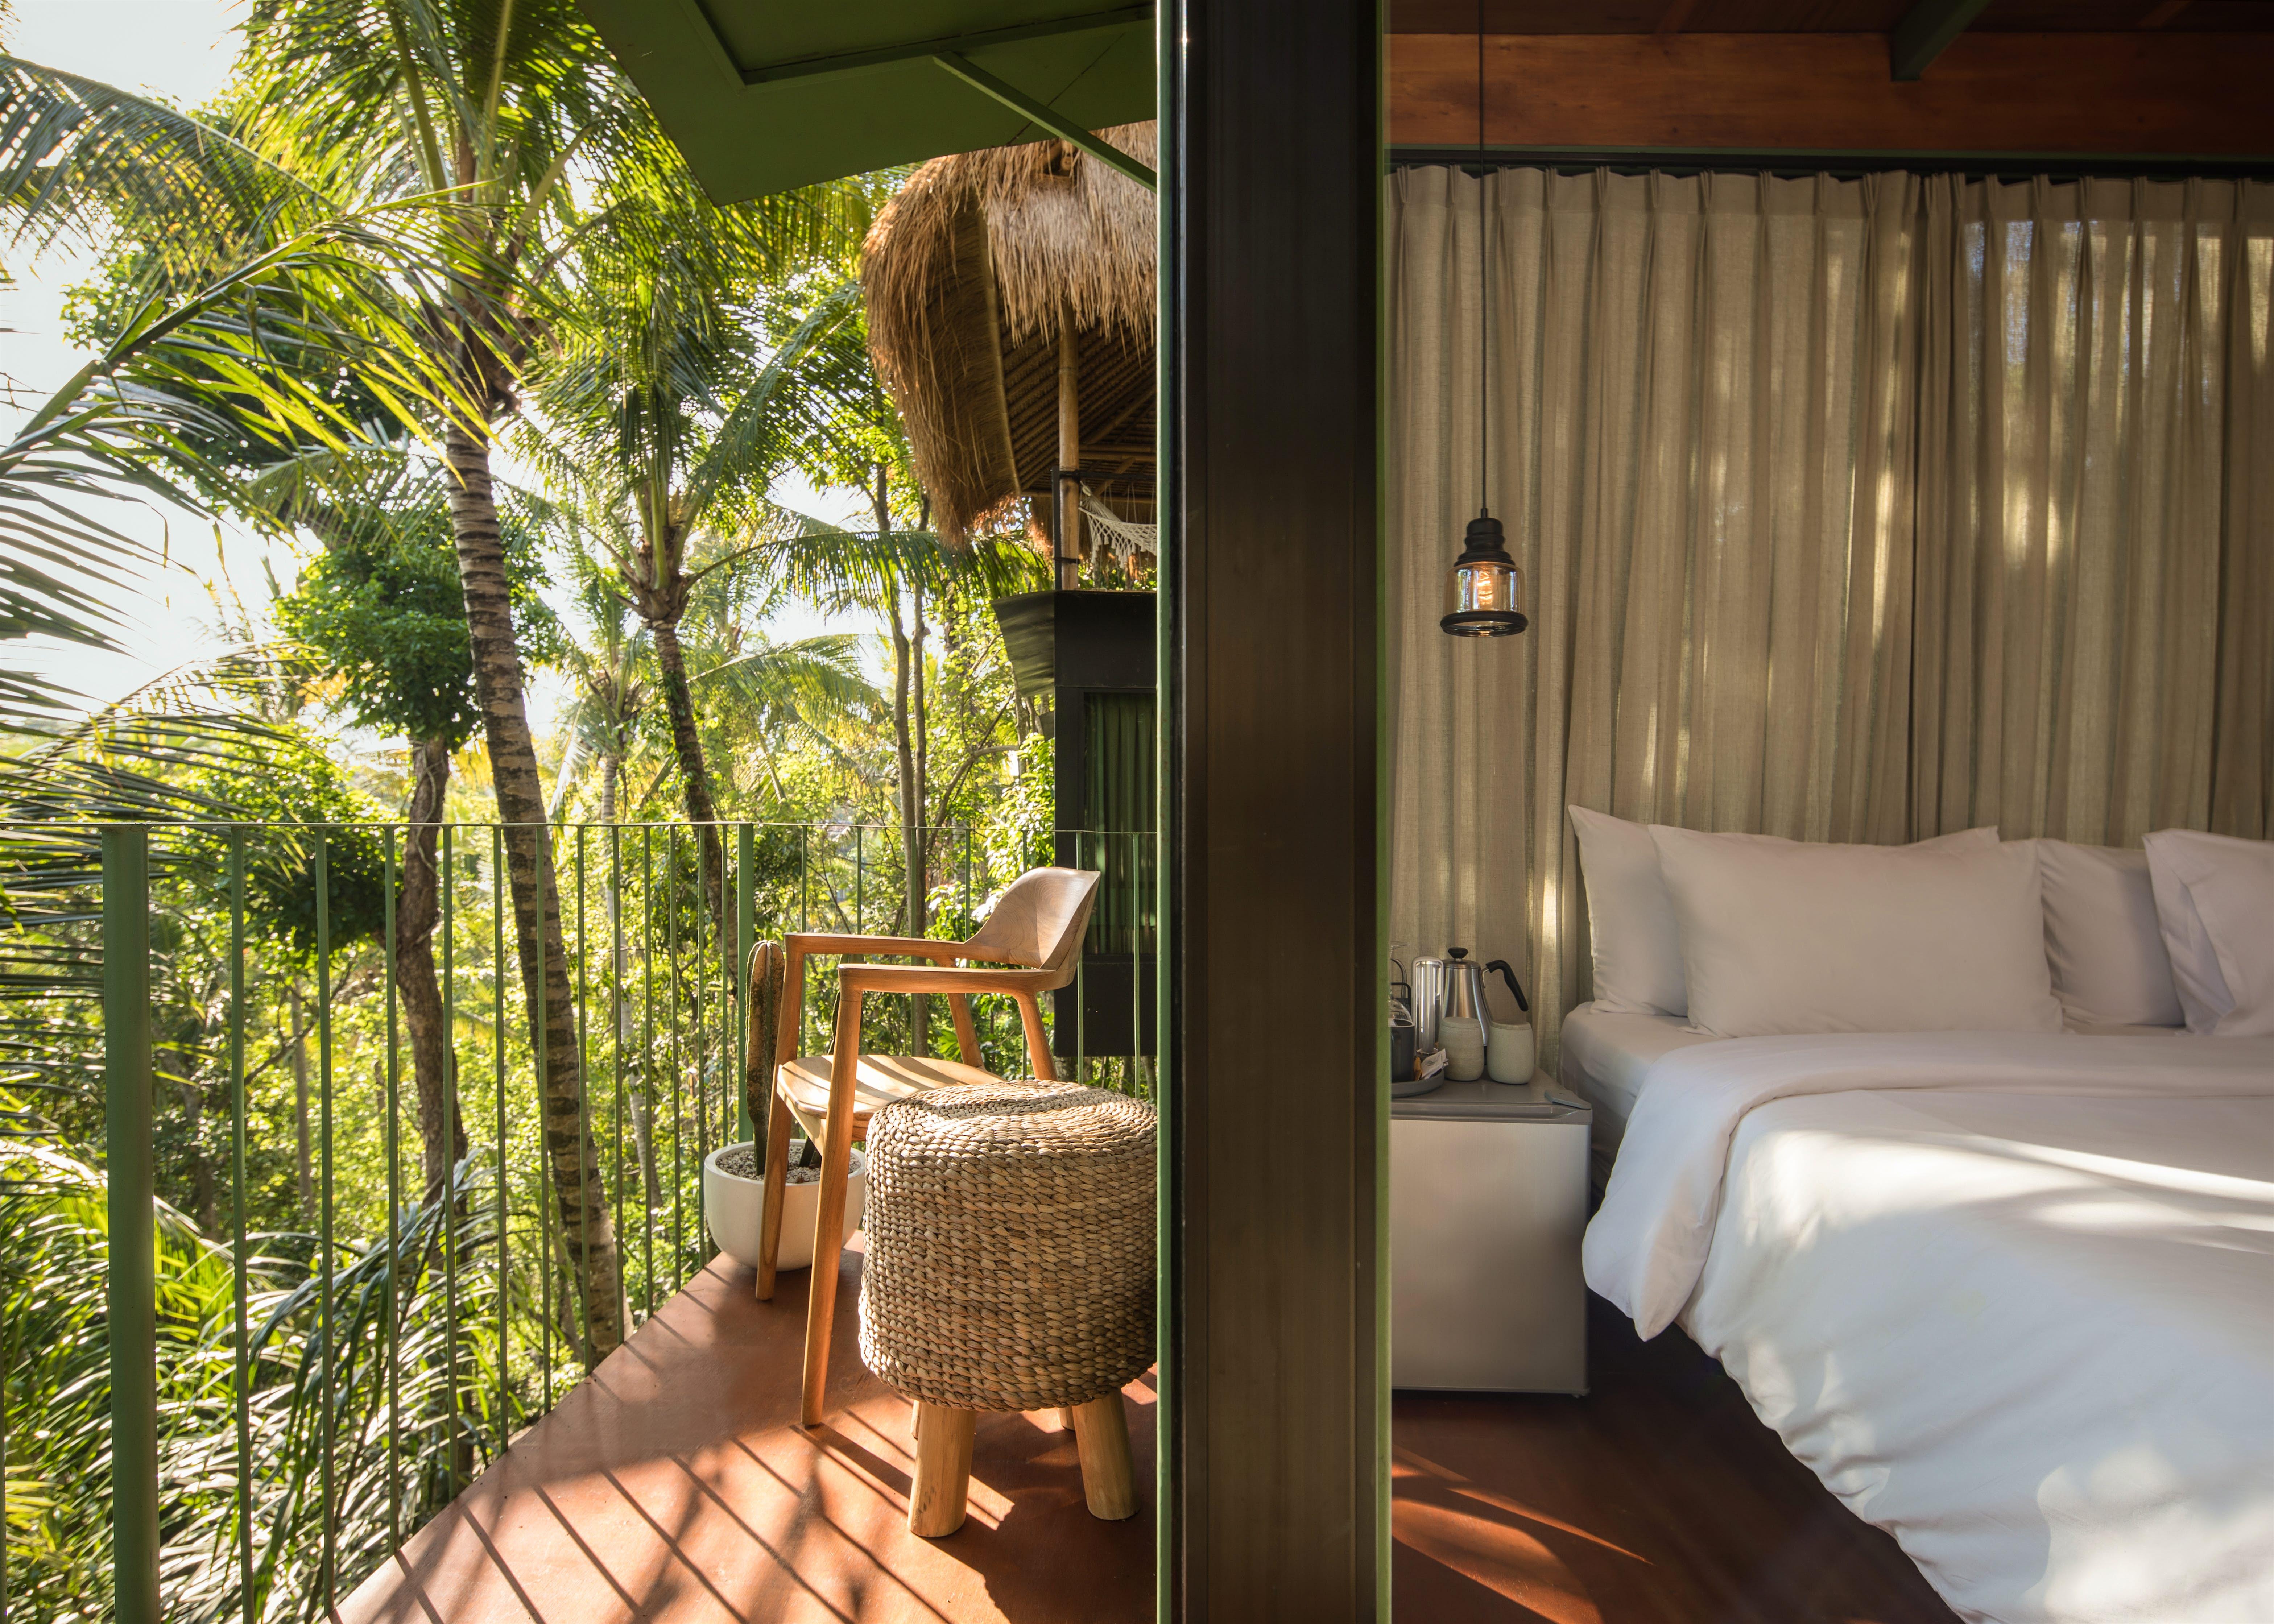 Foto da varanda de um alojamento de copas das árvores em uma selva de Bali